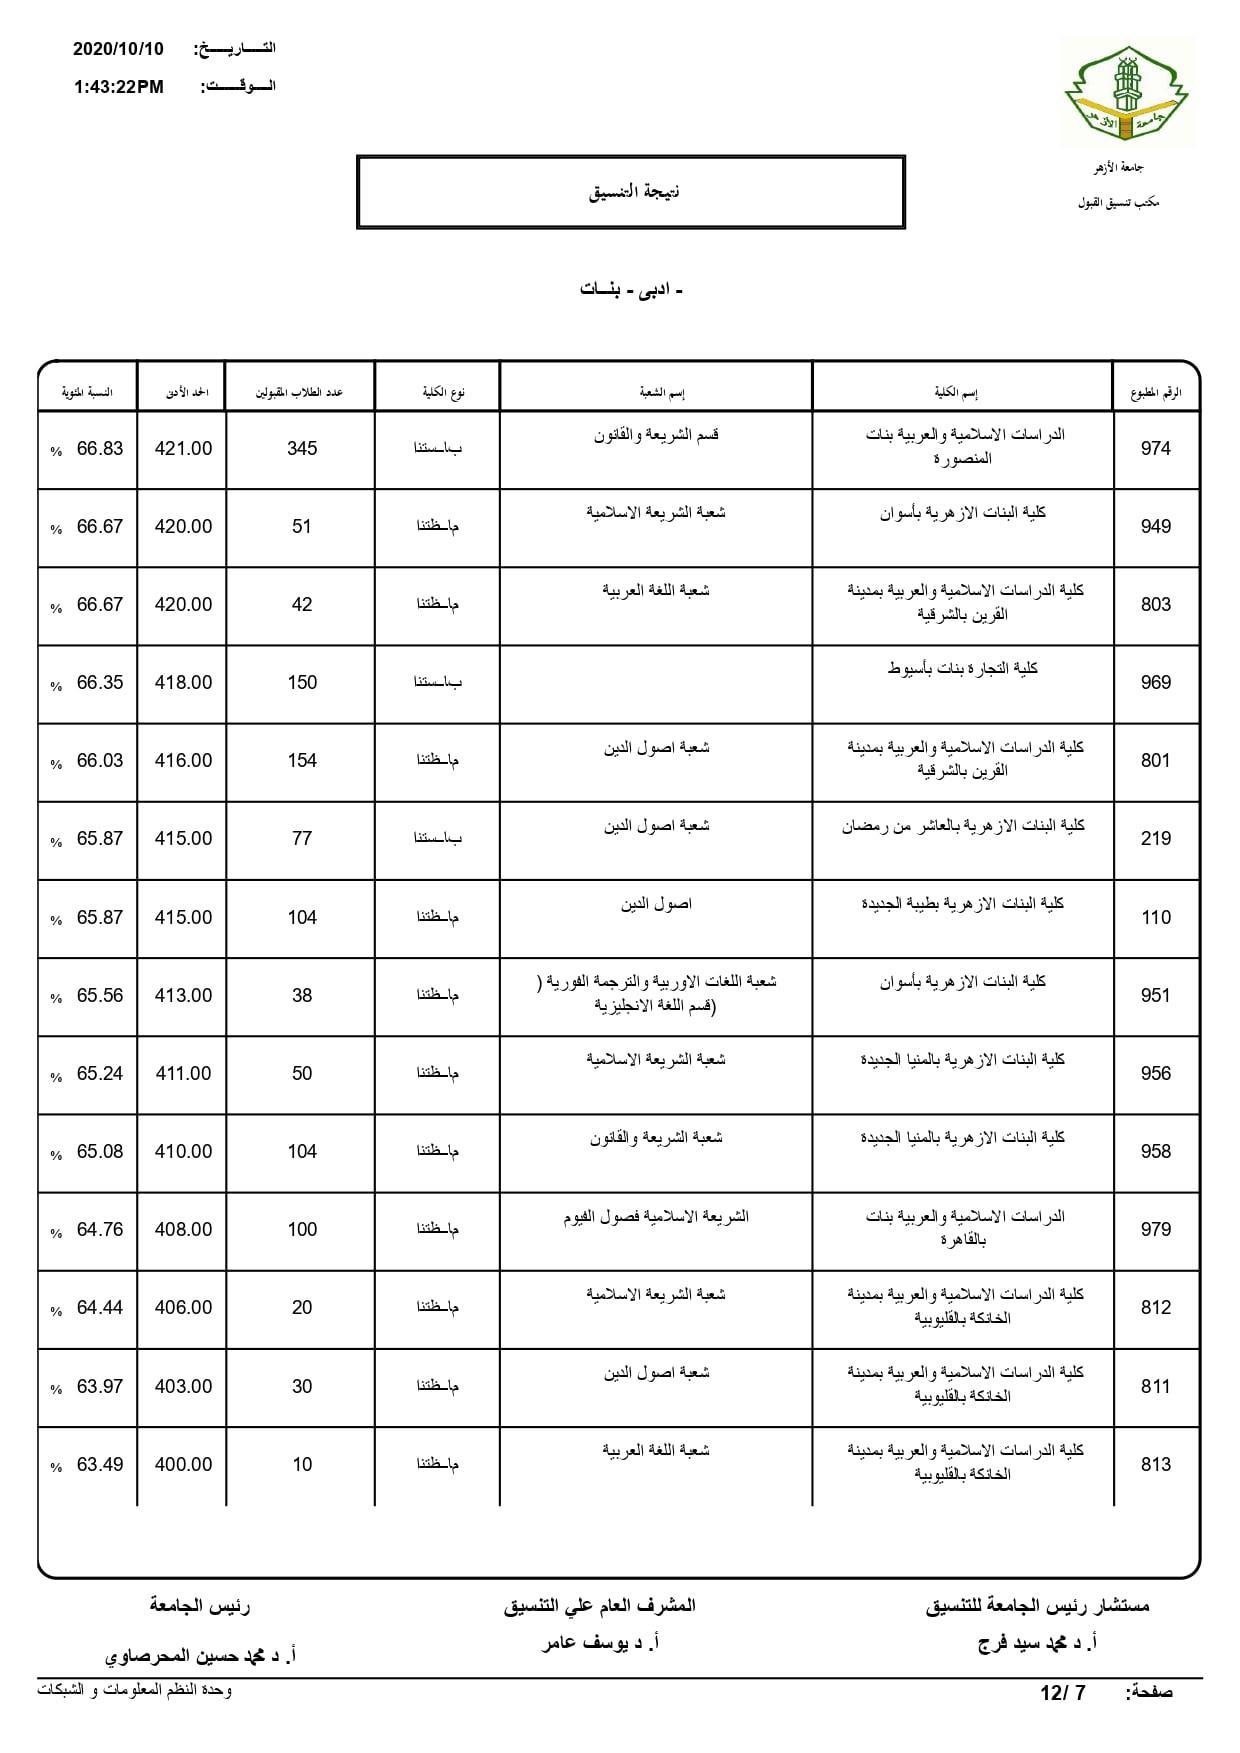 نتيجة تنسيق كليات جامعة الأزهر لعام 2020 بالكامل 20201010202622317